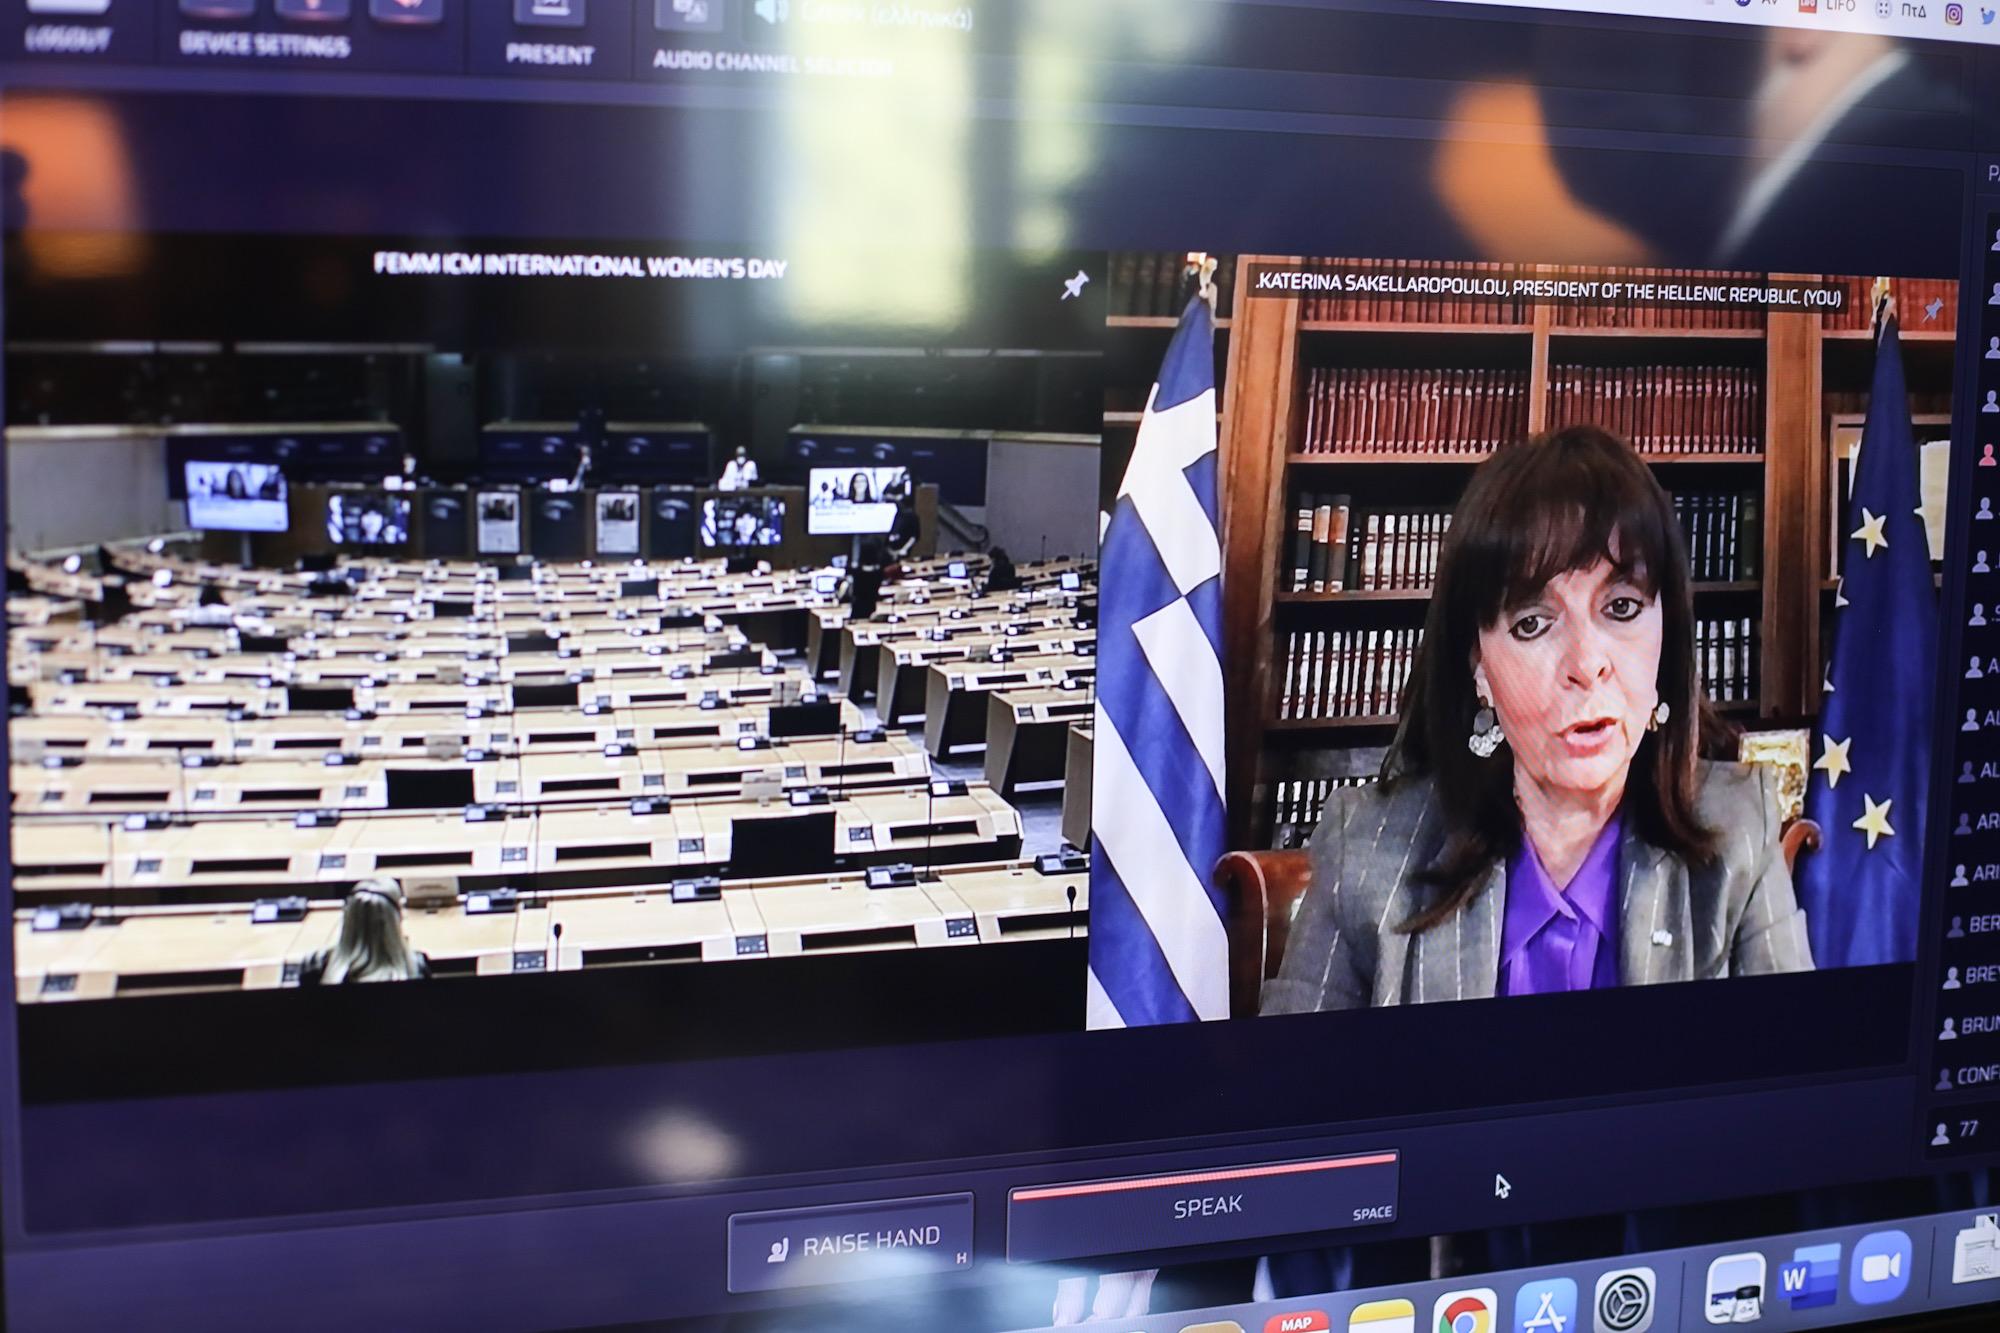 ΠτΔ στο Ευρωκοινοβούλιο: Η ισότητα είναι μια πρόκληση που δεν αφορά μόνο τις γυναίκες, αλλά όλους μας